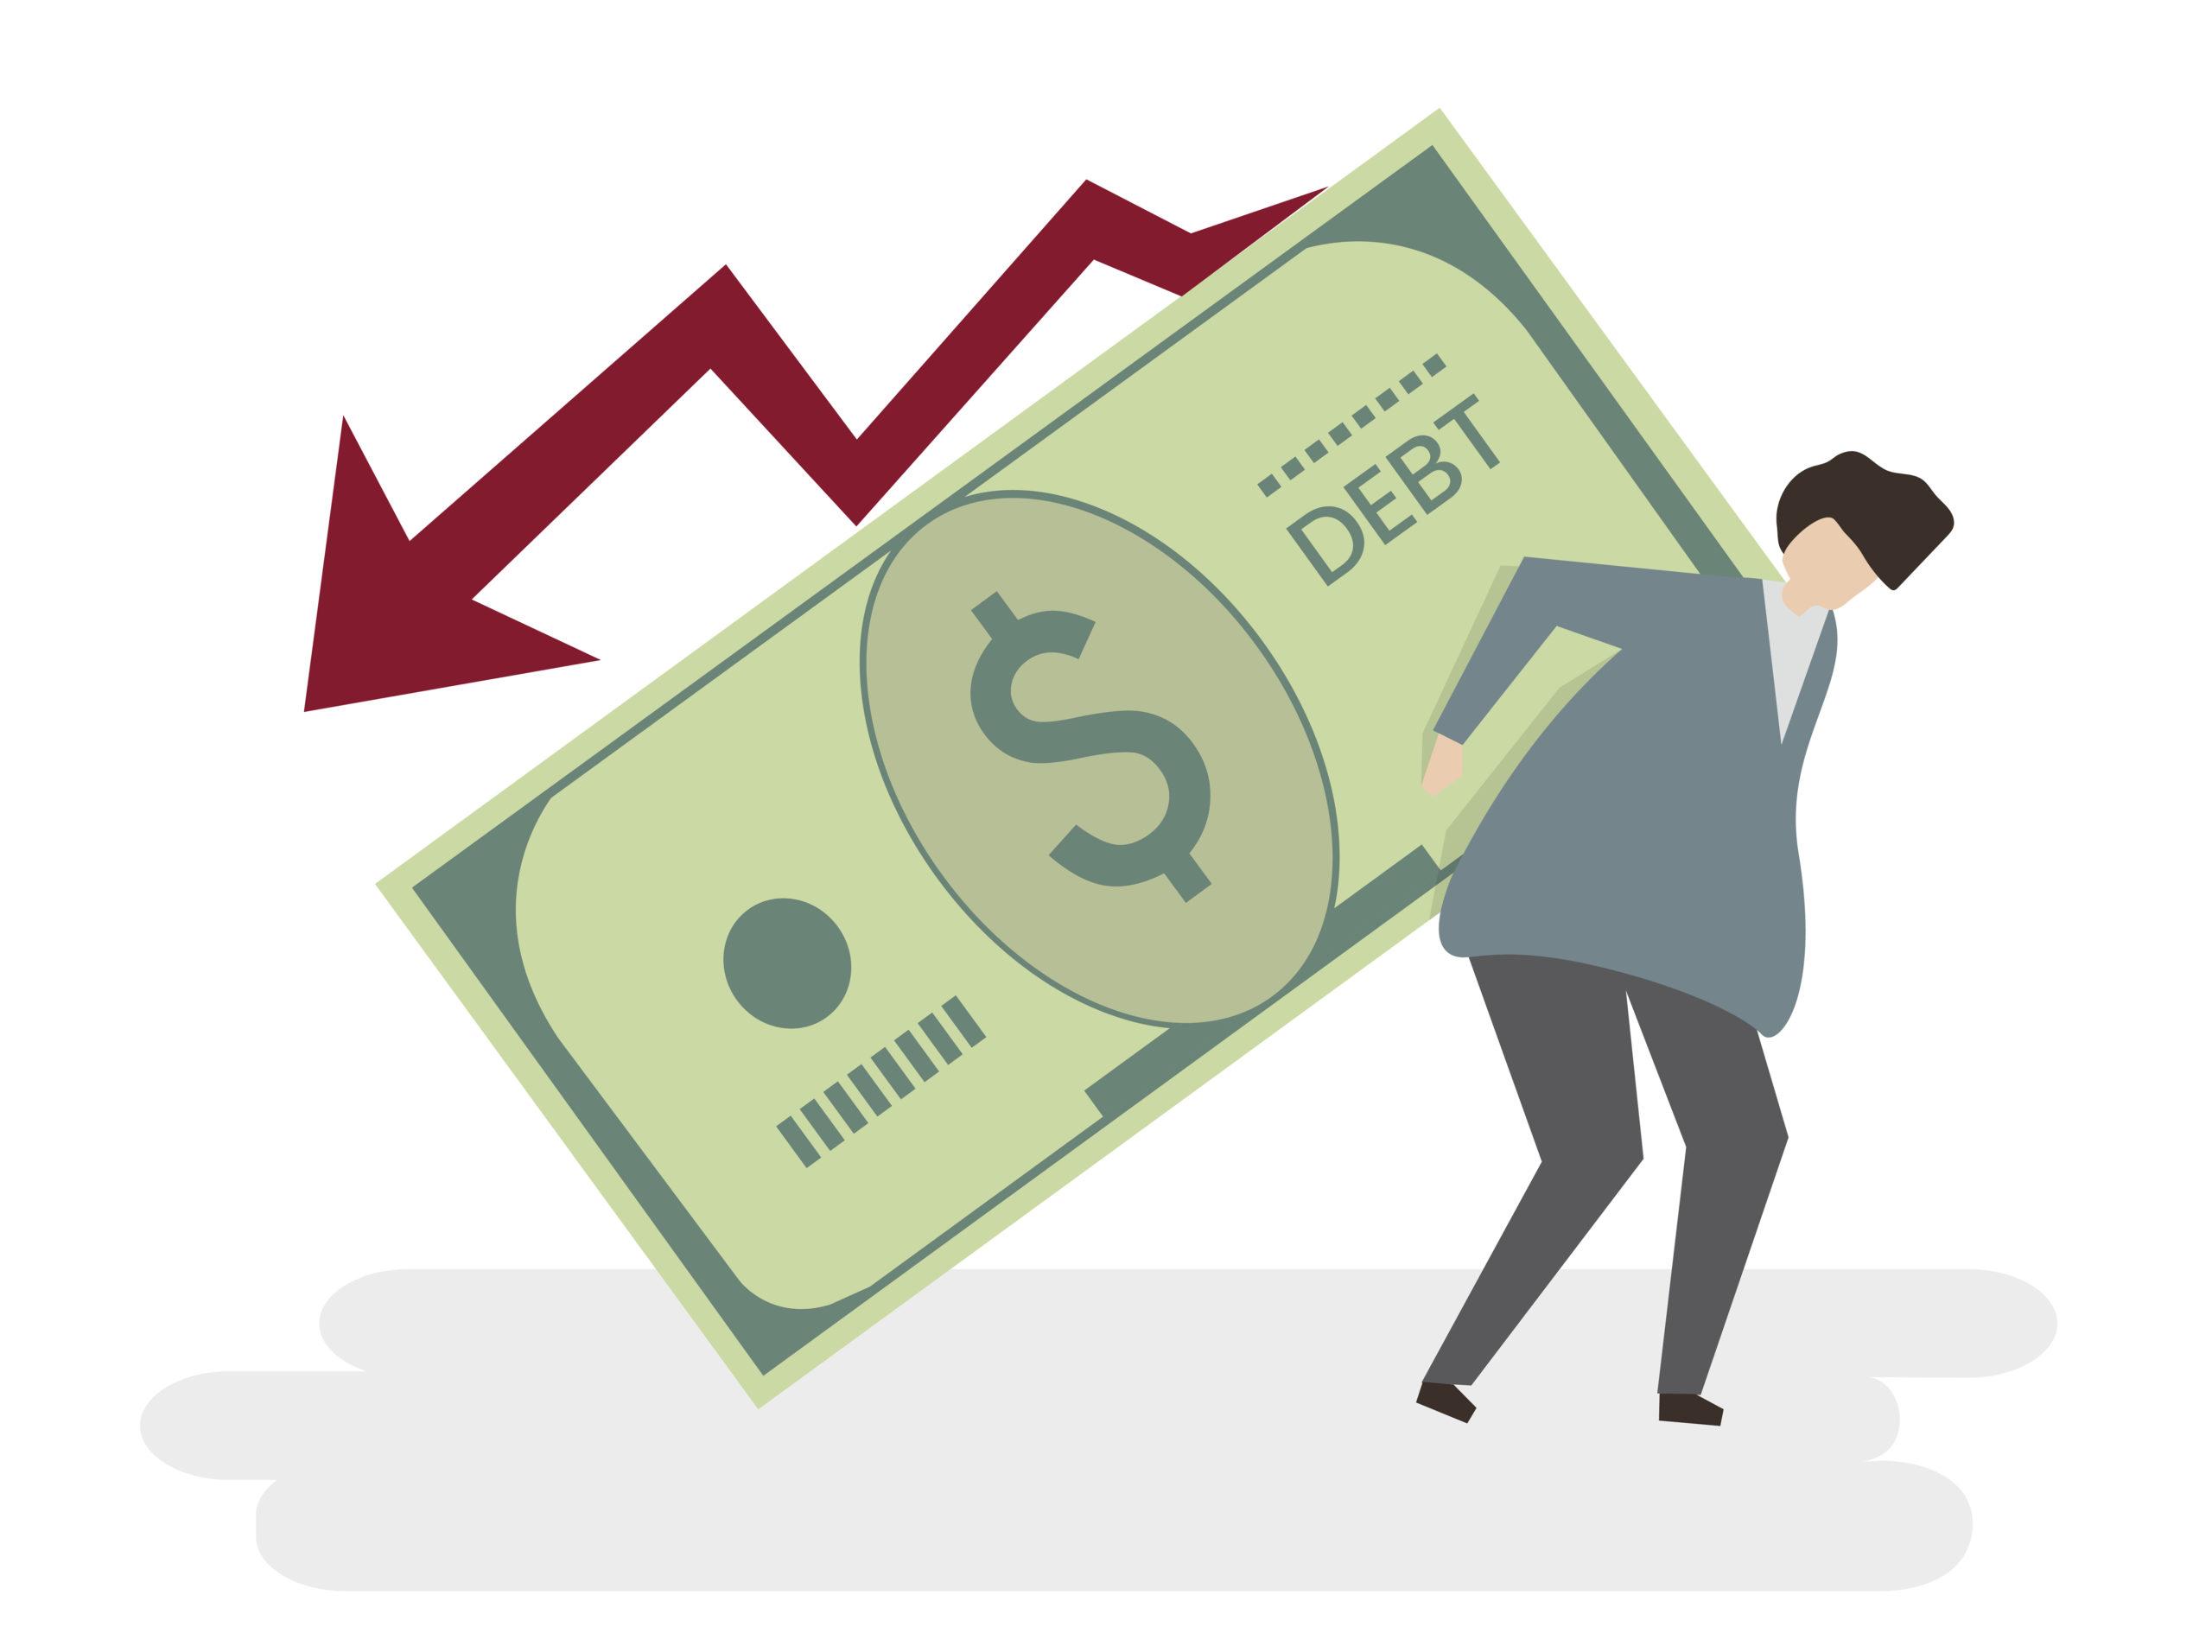 Vay tín chấp và huy động vốn từ Qũy hỗ trợ vốn tăng trưởng có gì khác biệt?